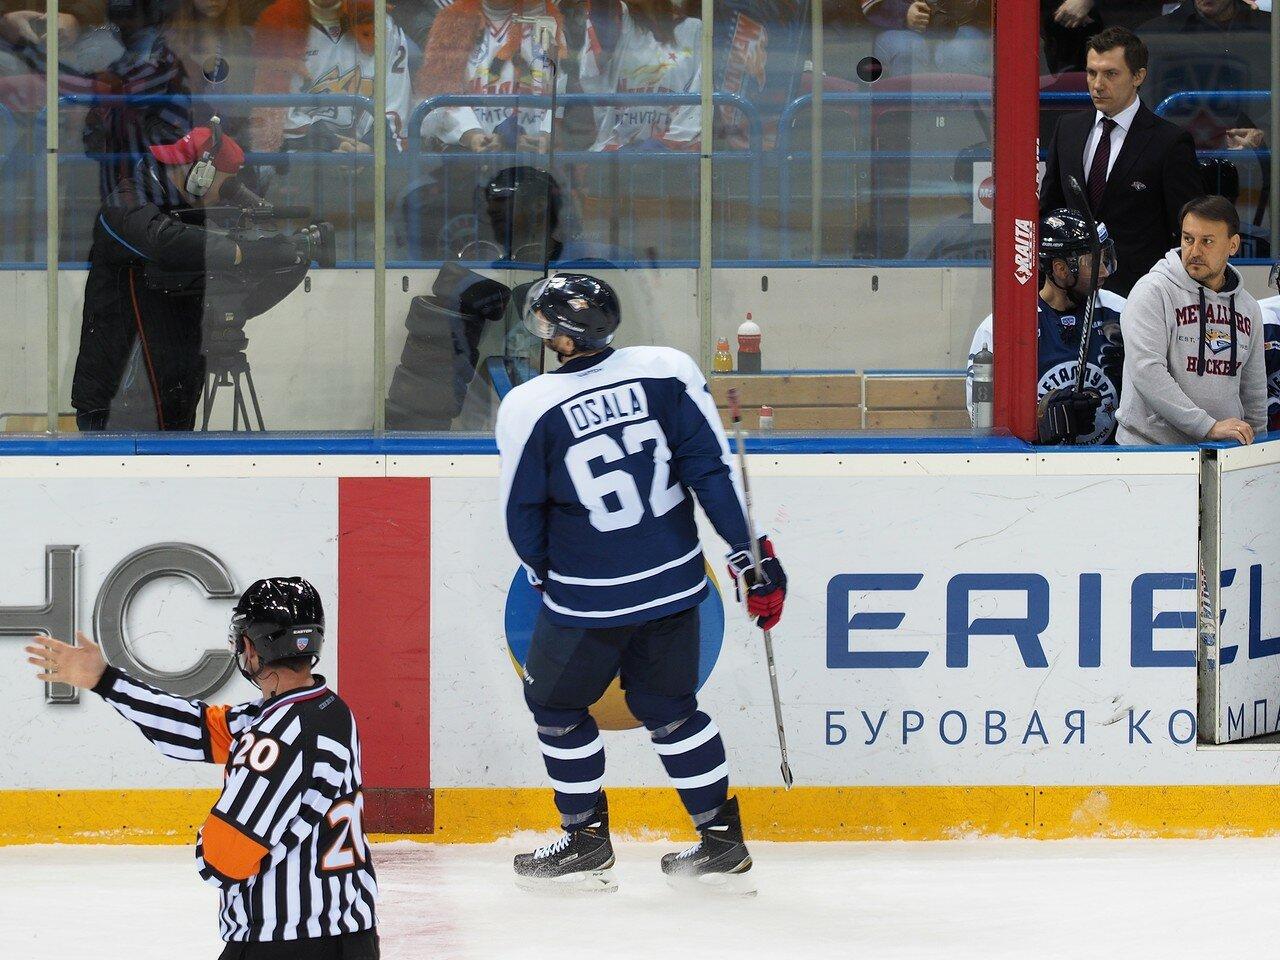 41Металлург - Cпартак 26.12.2015